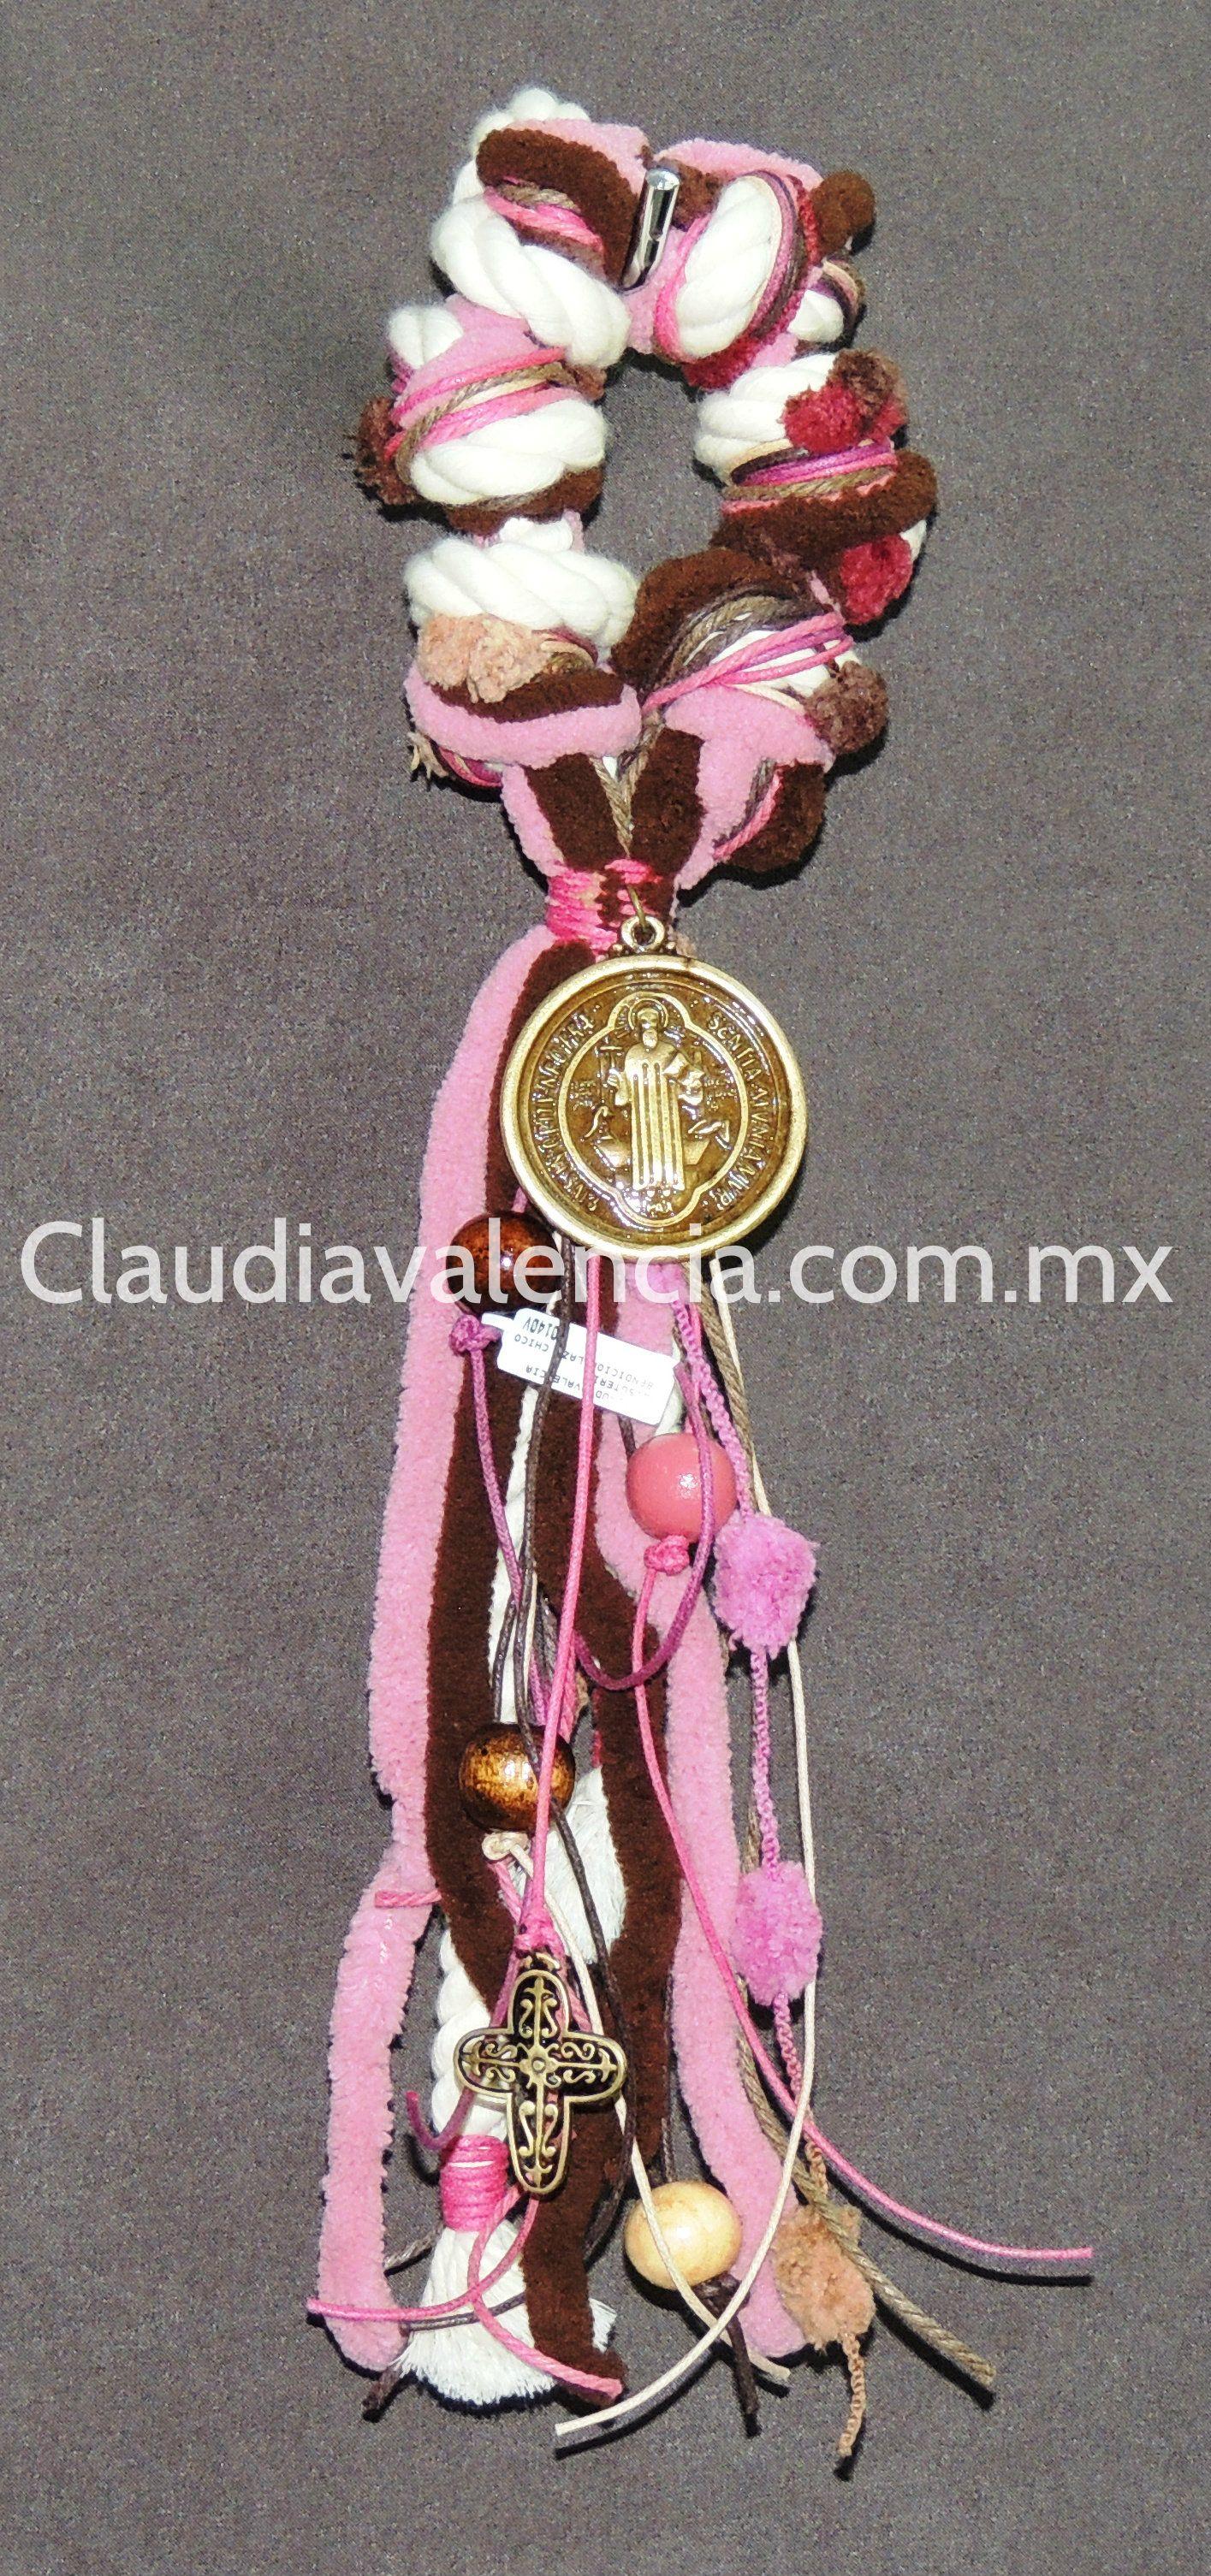 f4e0565d35ac Claudia Valencia » Bendiciones - Joyeria